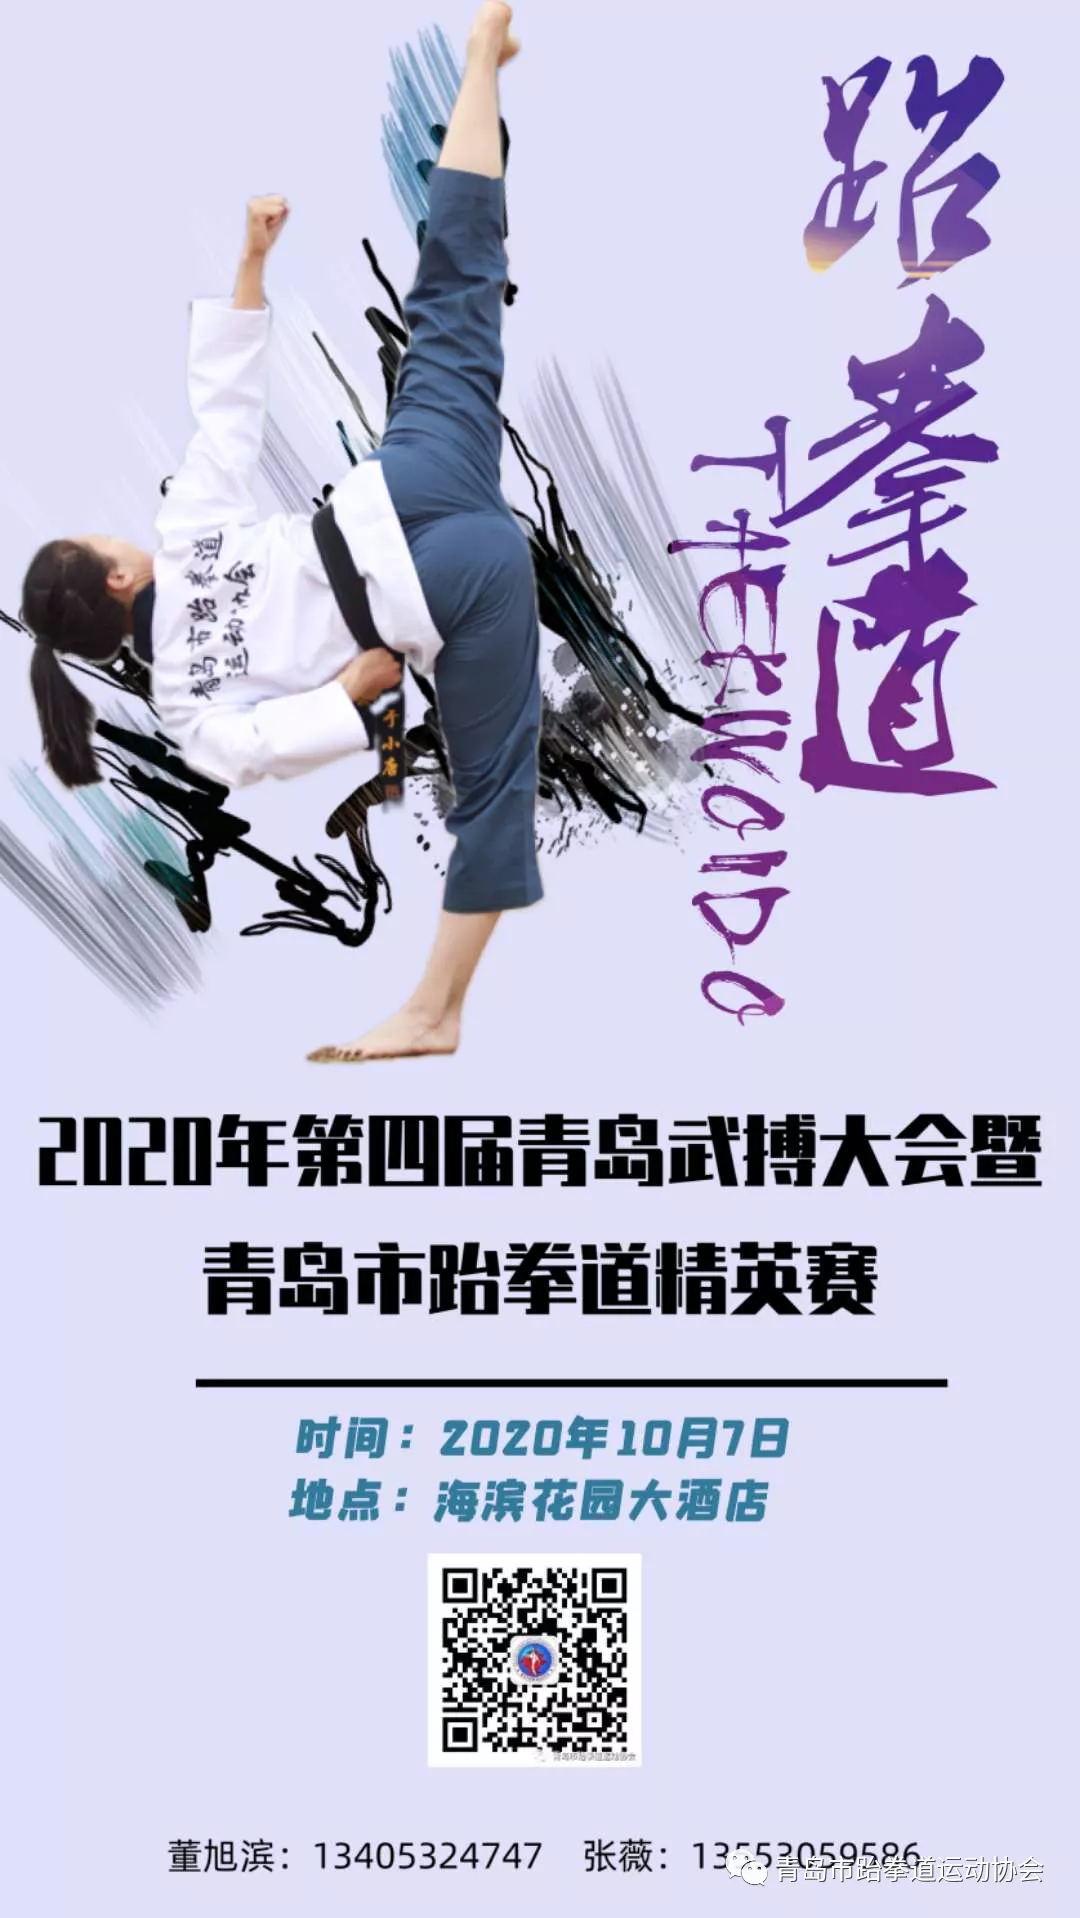 640_看图王.web